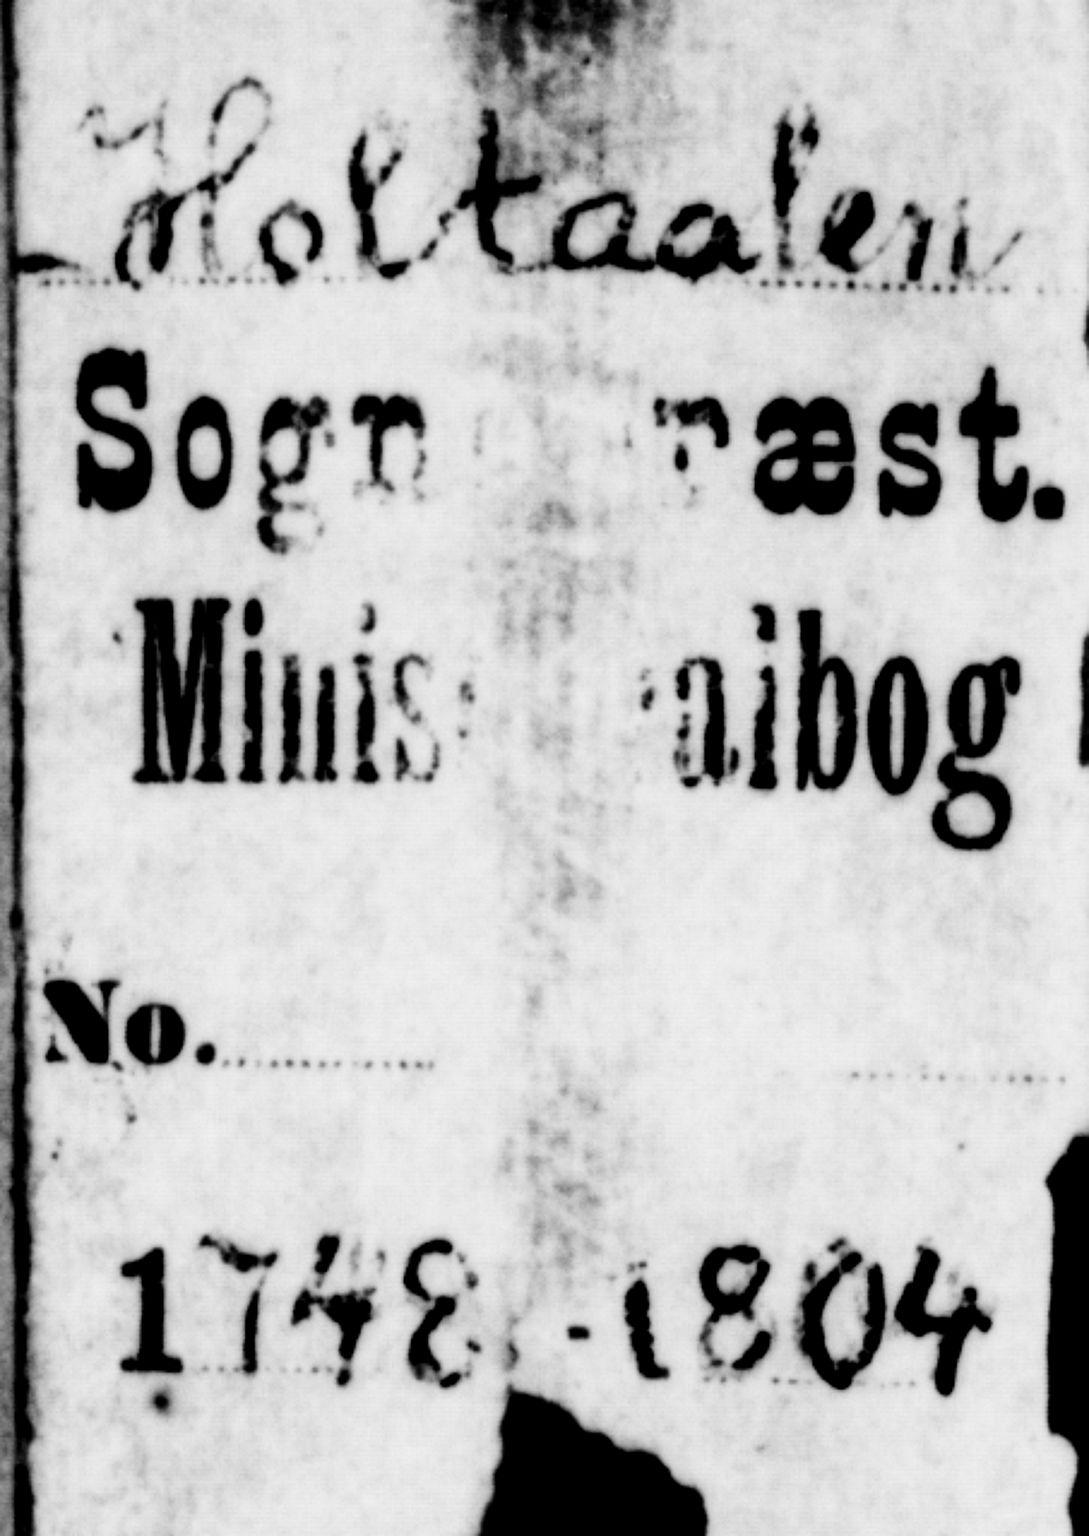 SAT, Ministerialprotokoller, klokkerbøker og fødselsregistre - Sør-Trøndelag, 685/L0952: Ministerialbok nr. 685A01, 1745-1804